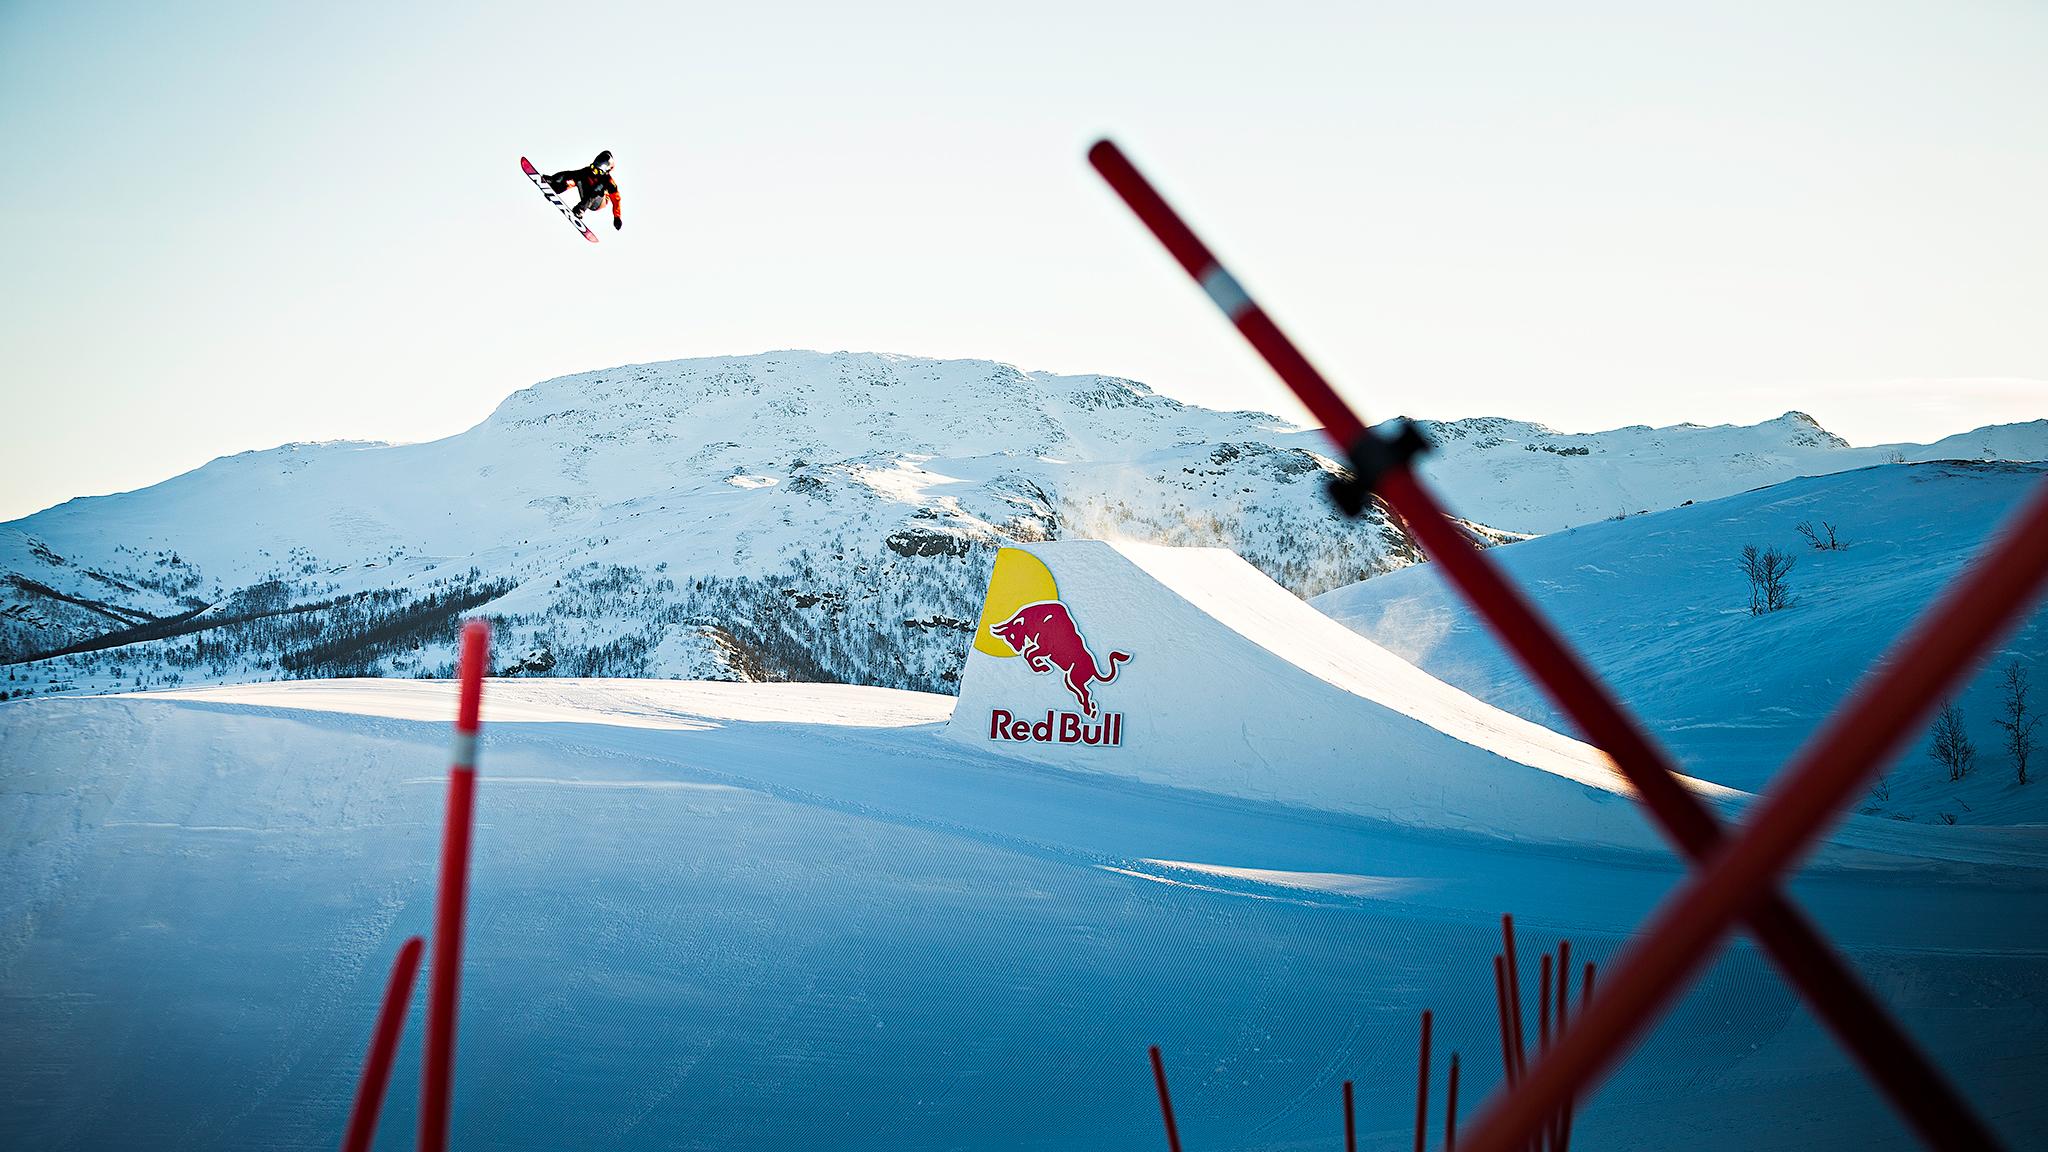 Snowboarder Marcus Kleveland